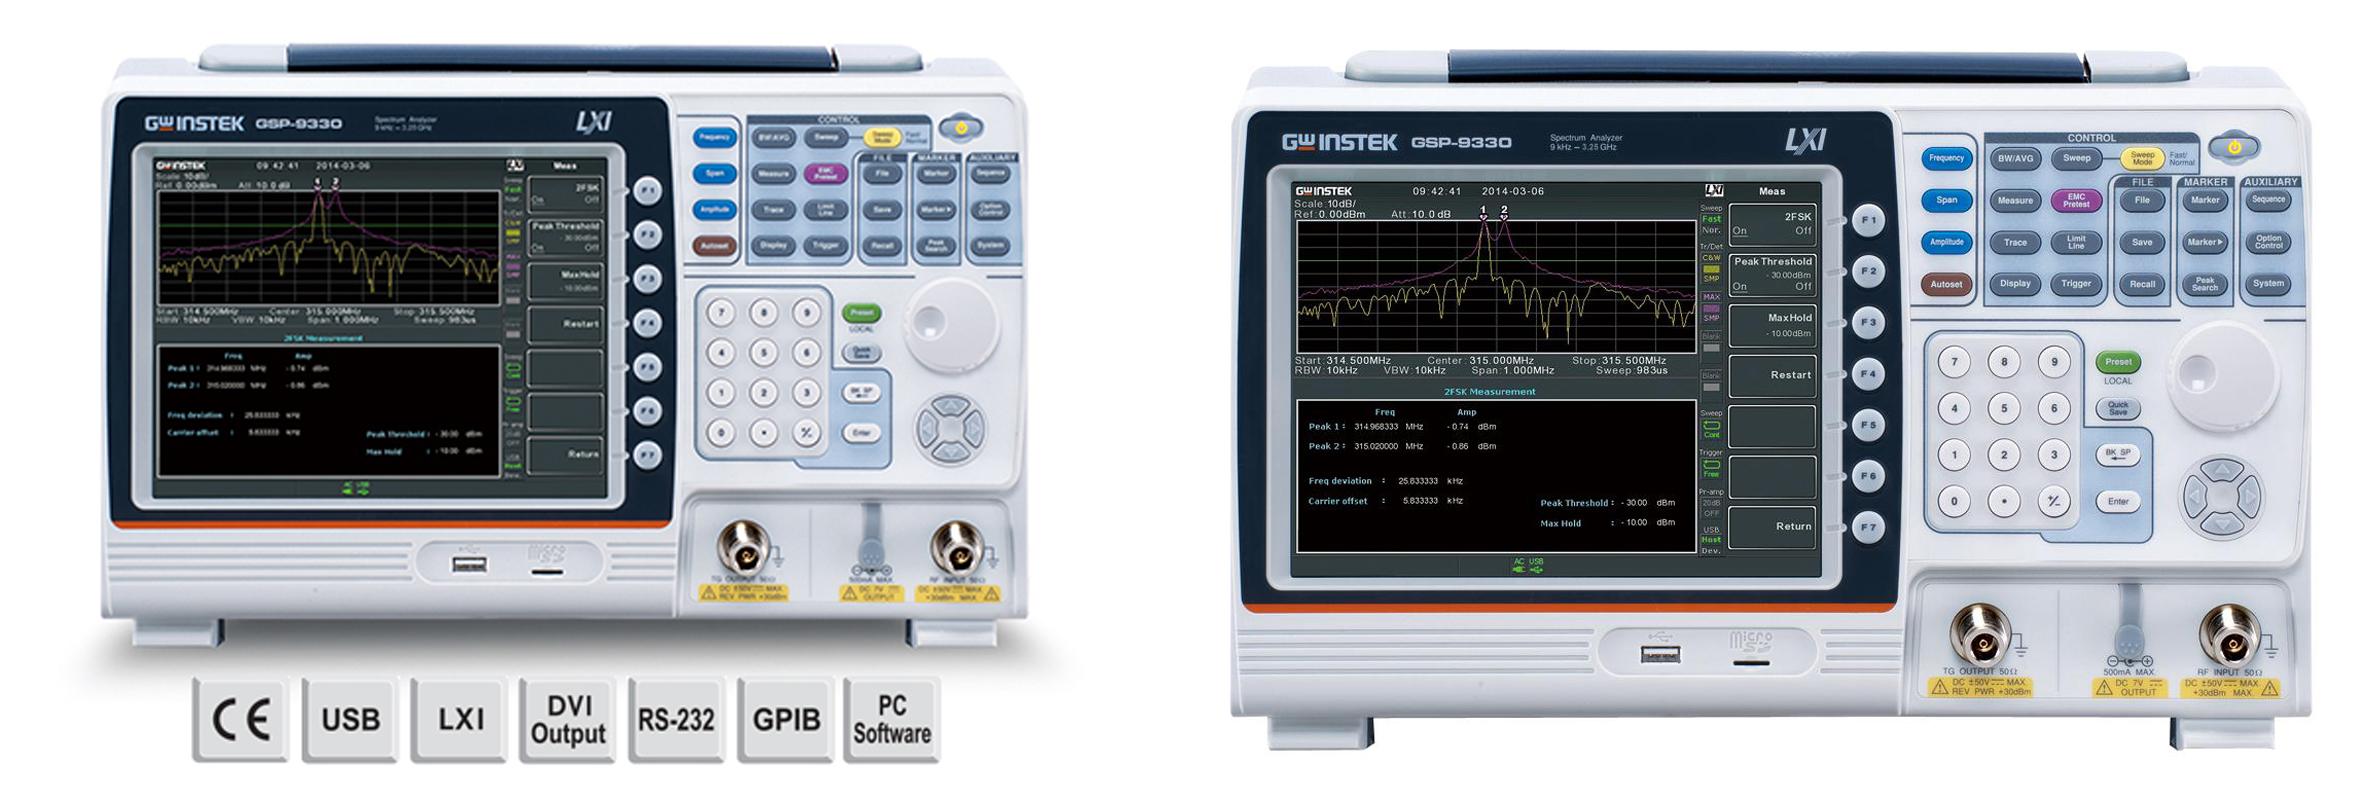 Анализатор спектра GSP-79330A от компании GW Instek